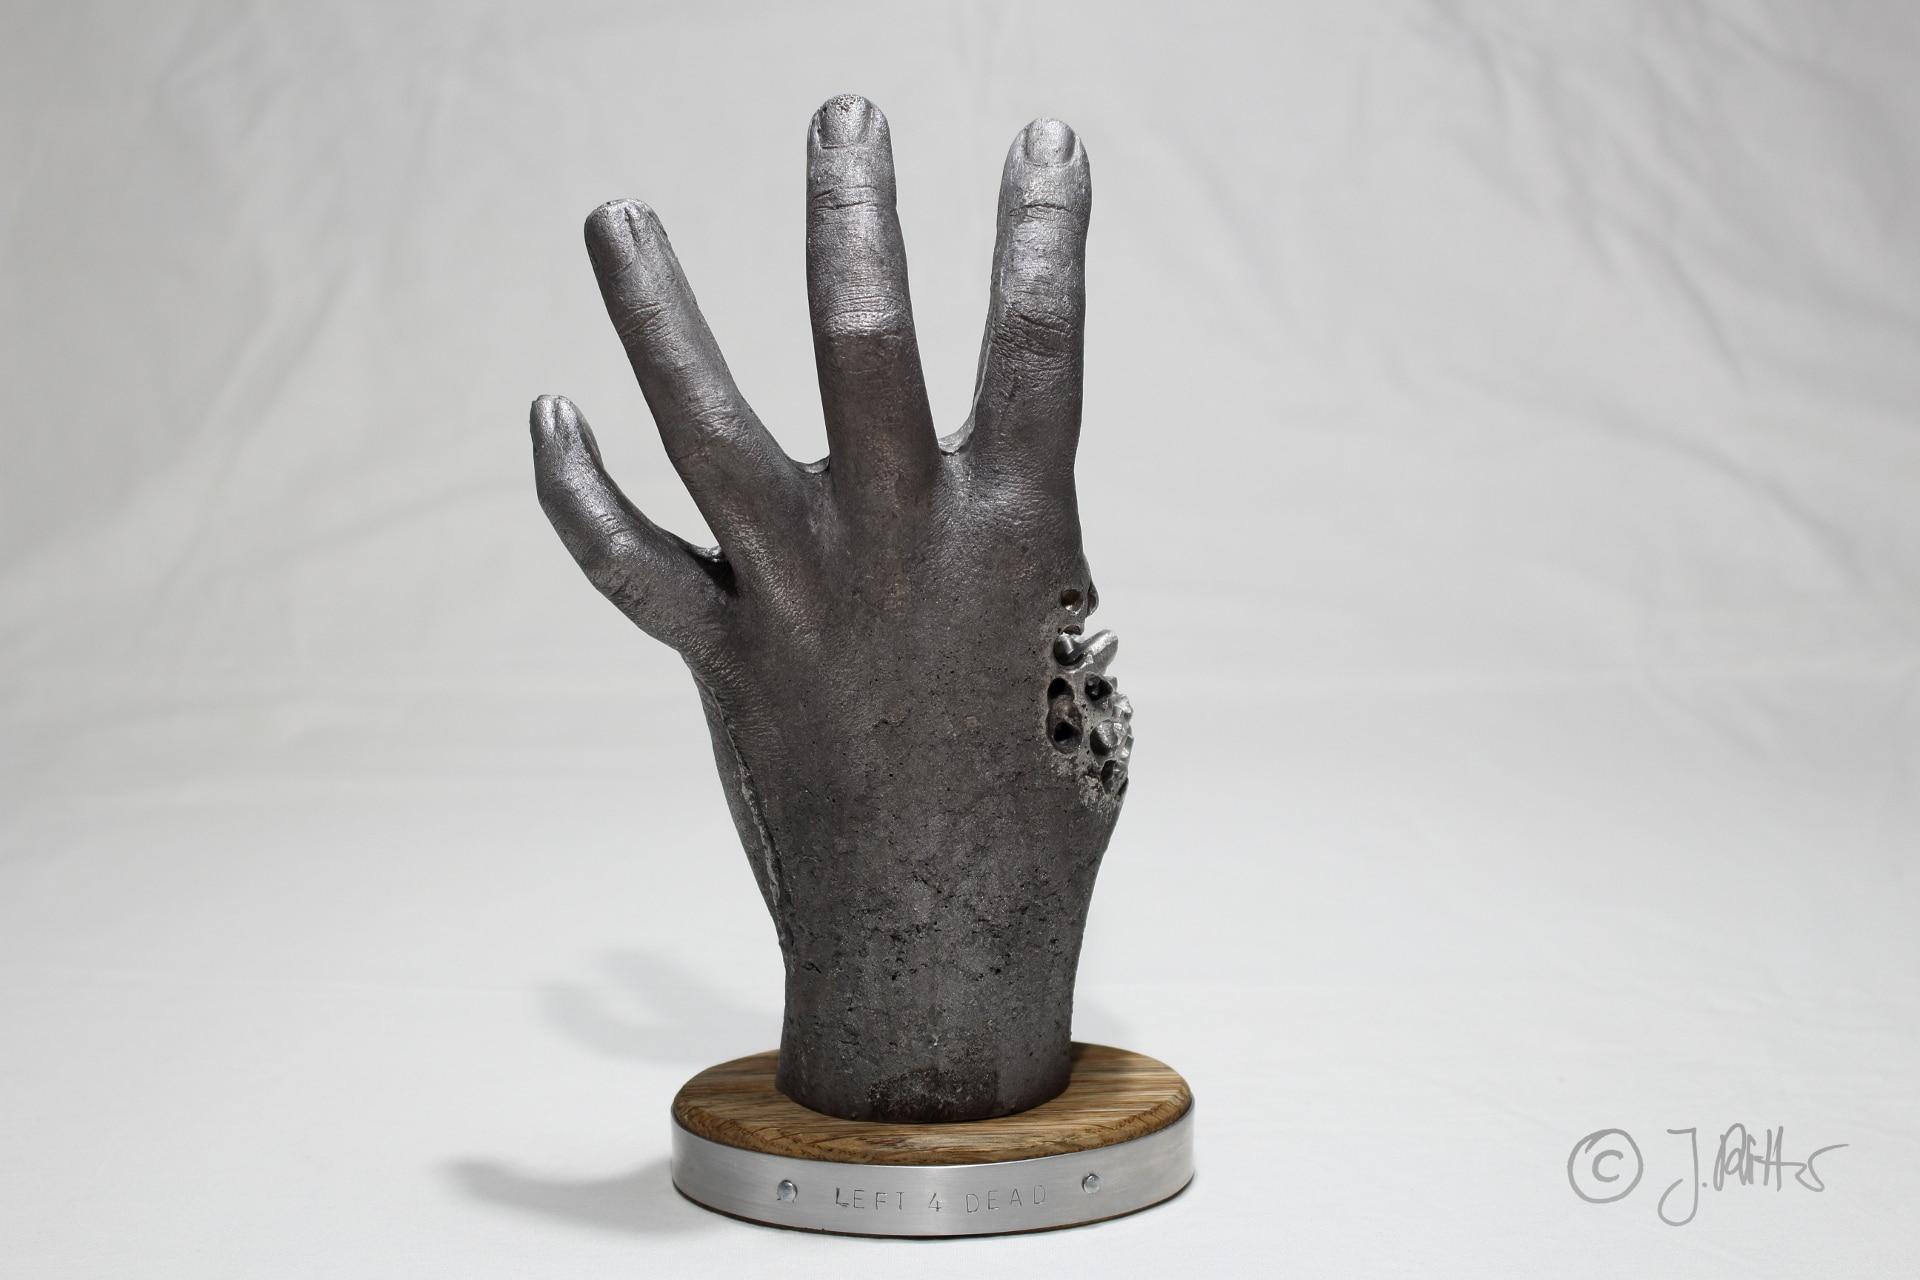 Wer erkennt die Hand? (Foto: Julian Ritter)